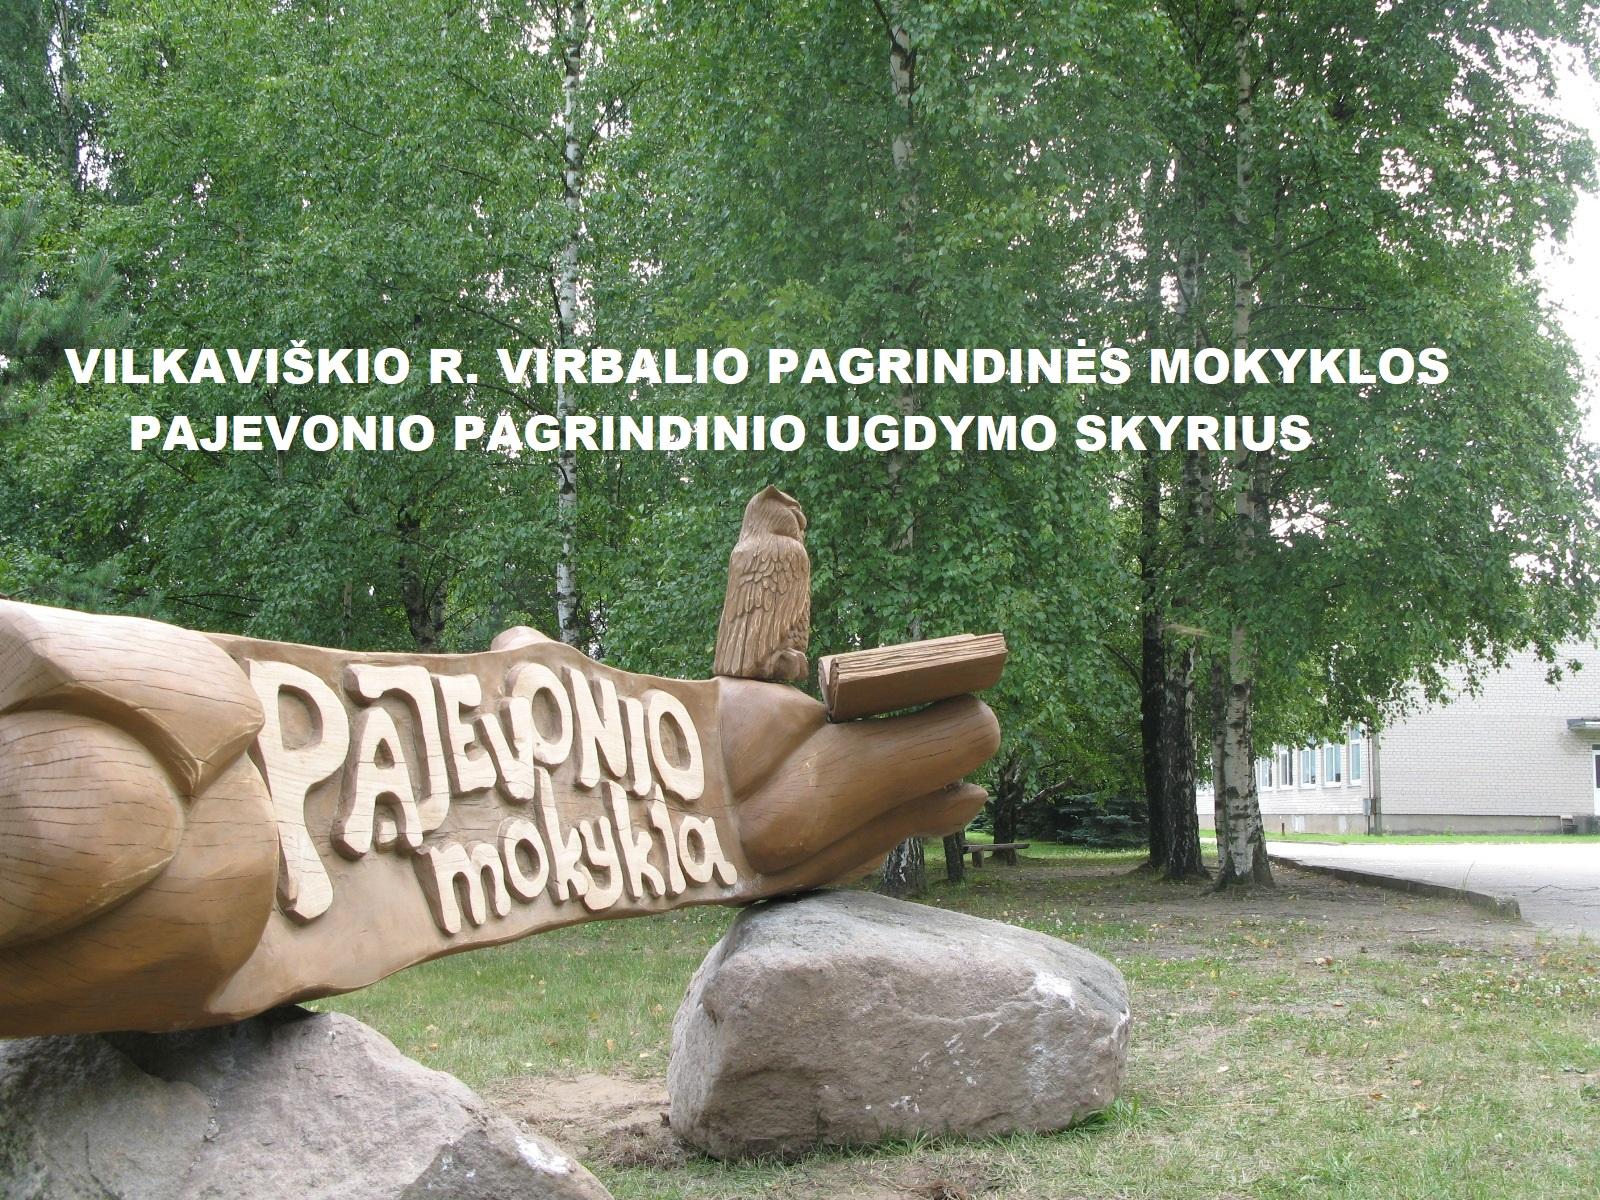 Vilkaviškio r. Virbalio pagrindinės mokyklos Pajevonio pagrindinio ugdymo skyrius